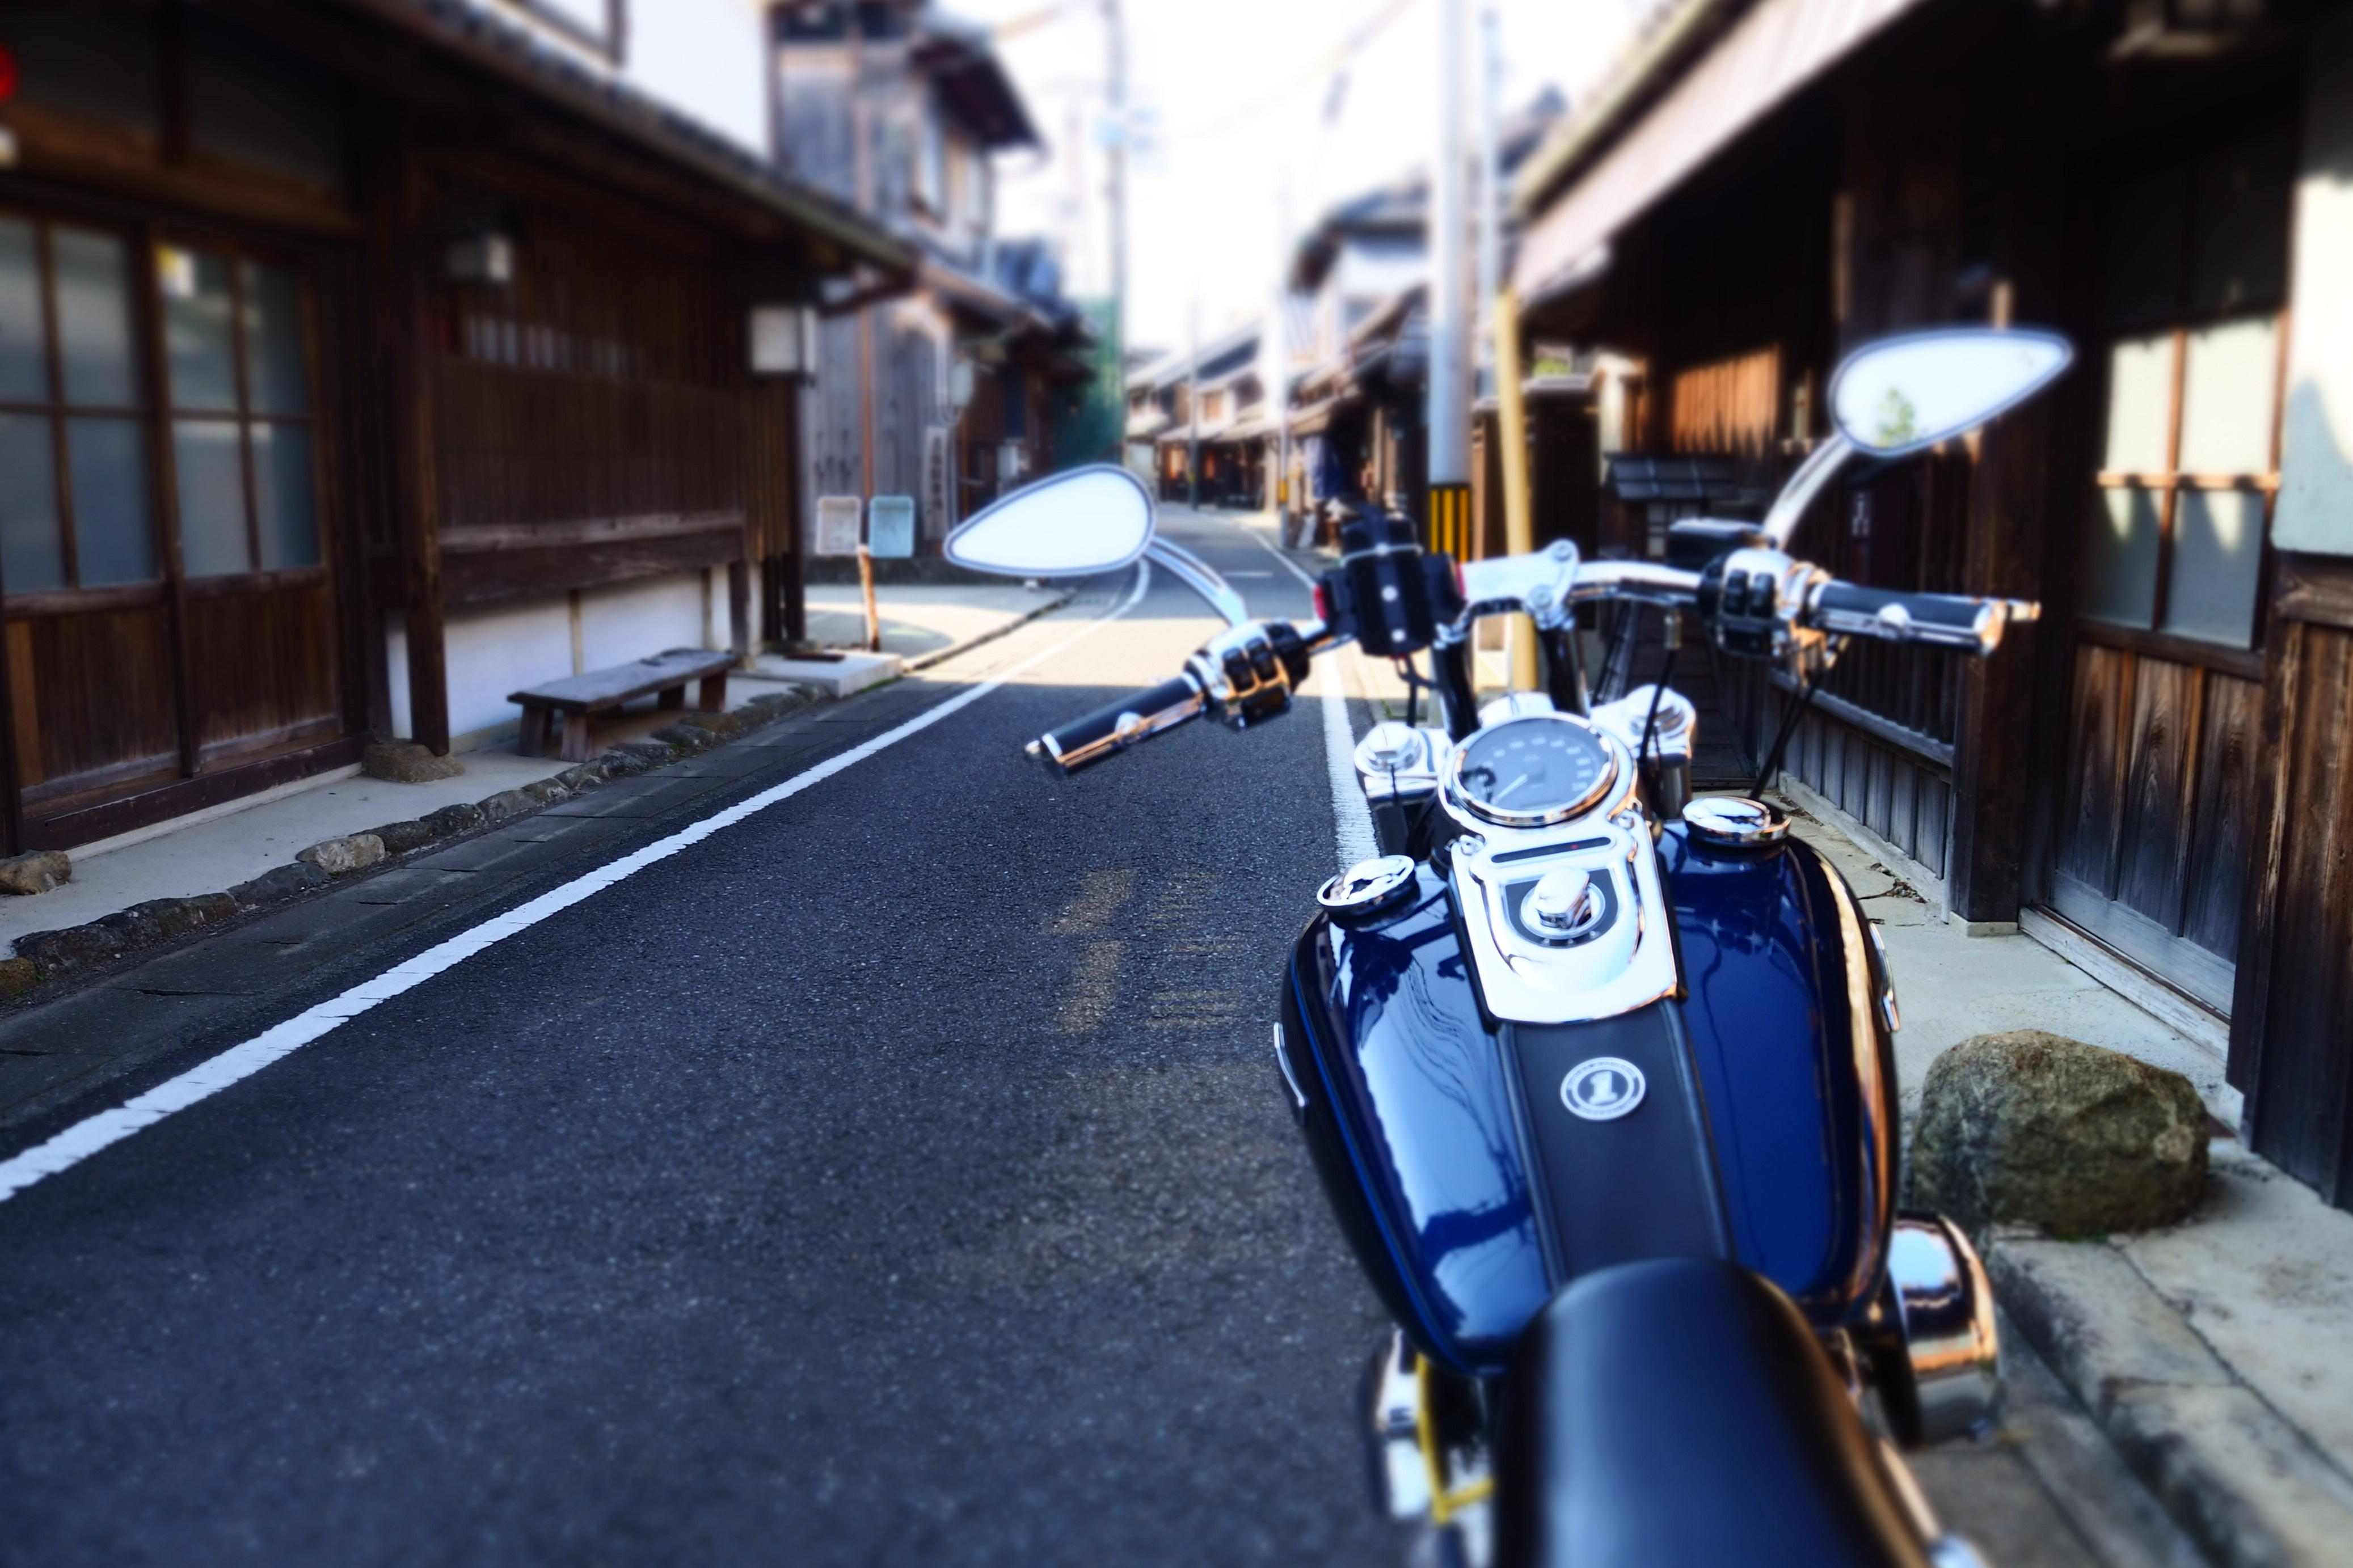 ぴーきち&ダイナ 和歌山湯浅ツーリング 湯浅町重要伝統的建造物群保存地区 町並み